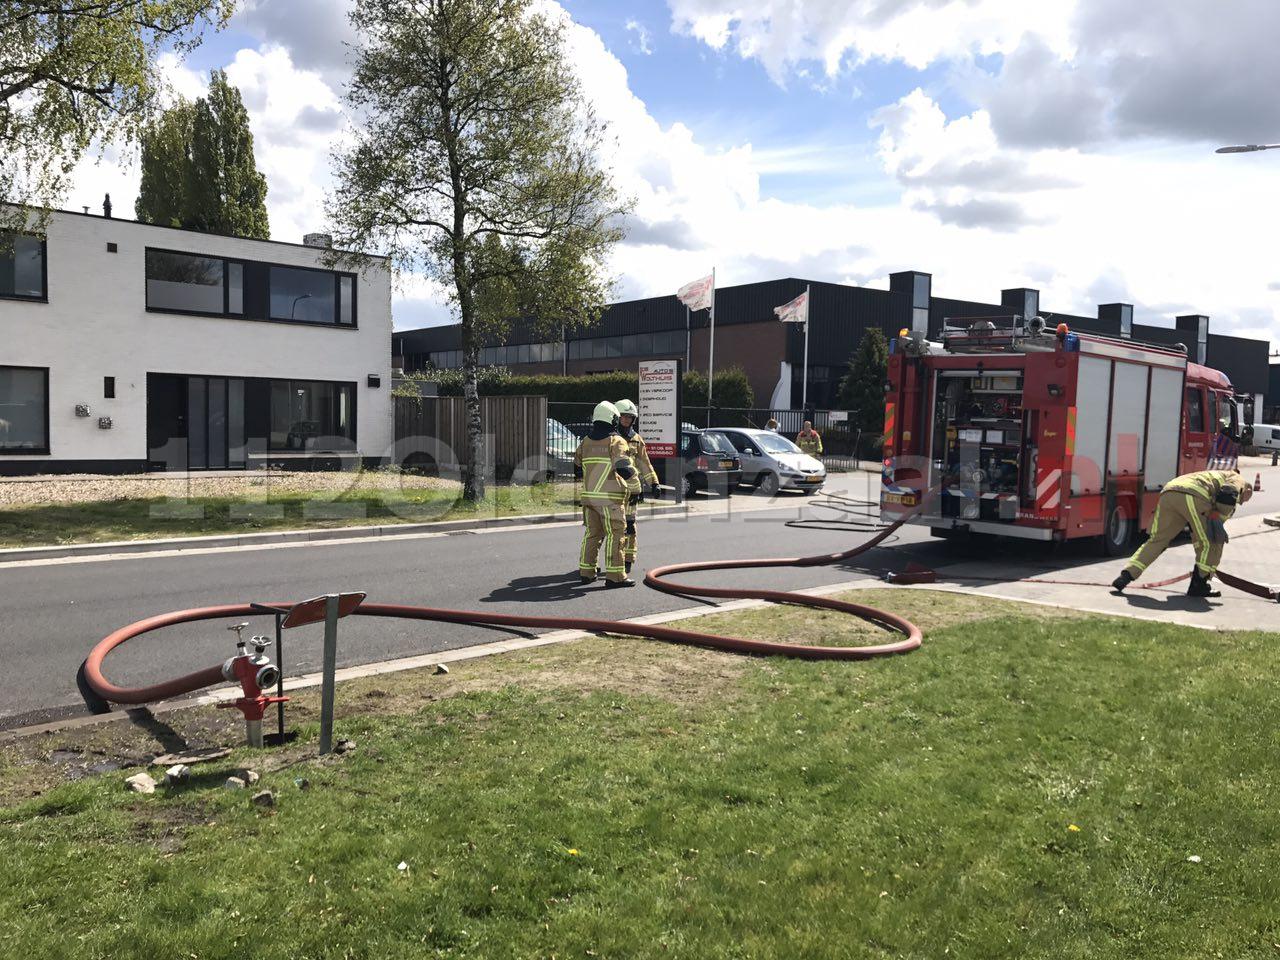 Brandweer opgeroepen voor nabluswerkzaamheden bij autobedrijf in Oldenzaal